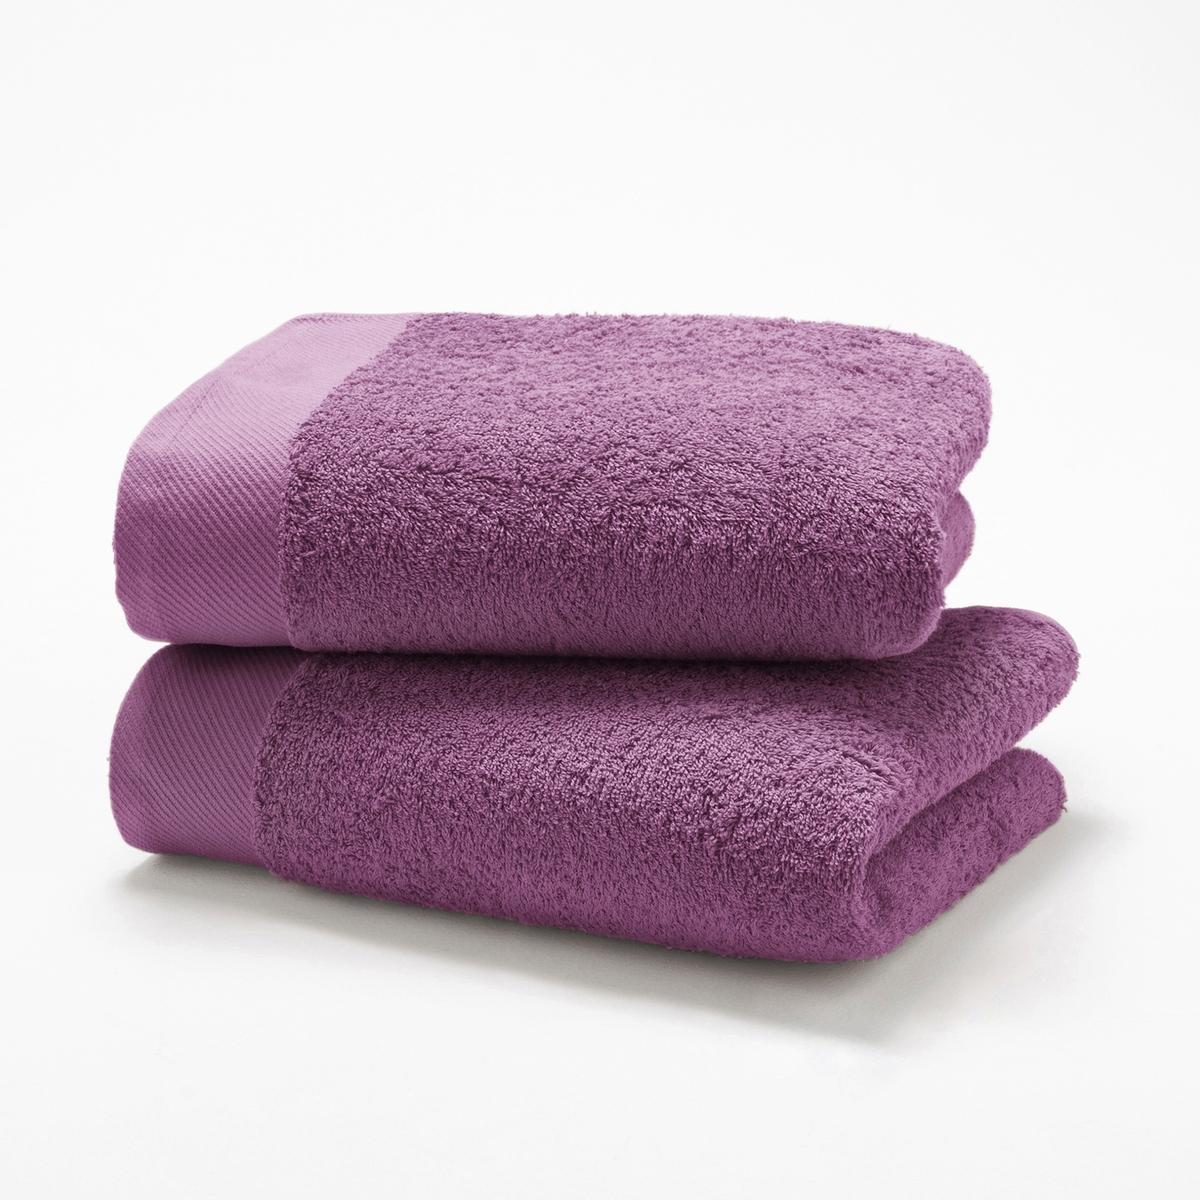 Комплект из 2 полотенец из махровой ткани 500 г/м?Комплект из 2 полотенец из высококачественной махровой ткани, 100% хлопок (500 г/м?), невероятно нежной, мягкой и отлично впитывающей влагу.Полотенца разных цветов для ванной...Характеристики 2 однотонных полотенец :- Махровая ткань, 100% хлопок (500 г/м?).- Отделка краев диагонали.- Машинная стирка при 60 °С.- Машинная сушка.- Замечательная износоустойчивость, сохраняет мягкость и яркость окраски после многочисленных стирок.- Размеры полотенца : 50 x 100 см.- В комплекте 2 полотенца. Знак Oeko-Tex® гарантирует, что товары протестированы и сертифицированы, не содержат вредных веществ, которые могли бы нанести вред здоровью.<br><br>Цвет: белый,голубой бирюзовый,гуава,желтый шафран,зеленый  атолл,красный карминный,серо-бежевый,серо-синий,серый,сине-зеленый,синий морской волны,темно-серый,фиолетовый,черный<br>Размер: 50 x 100 см